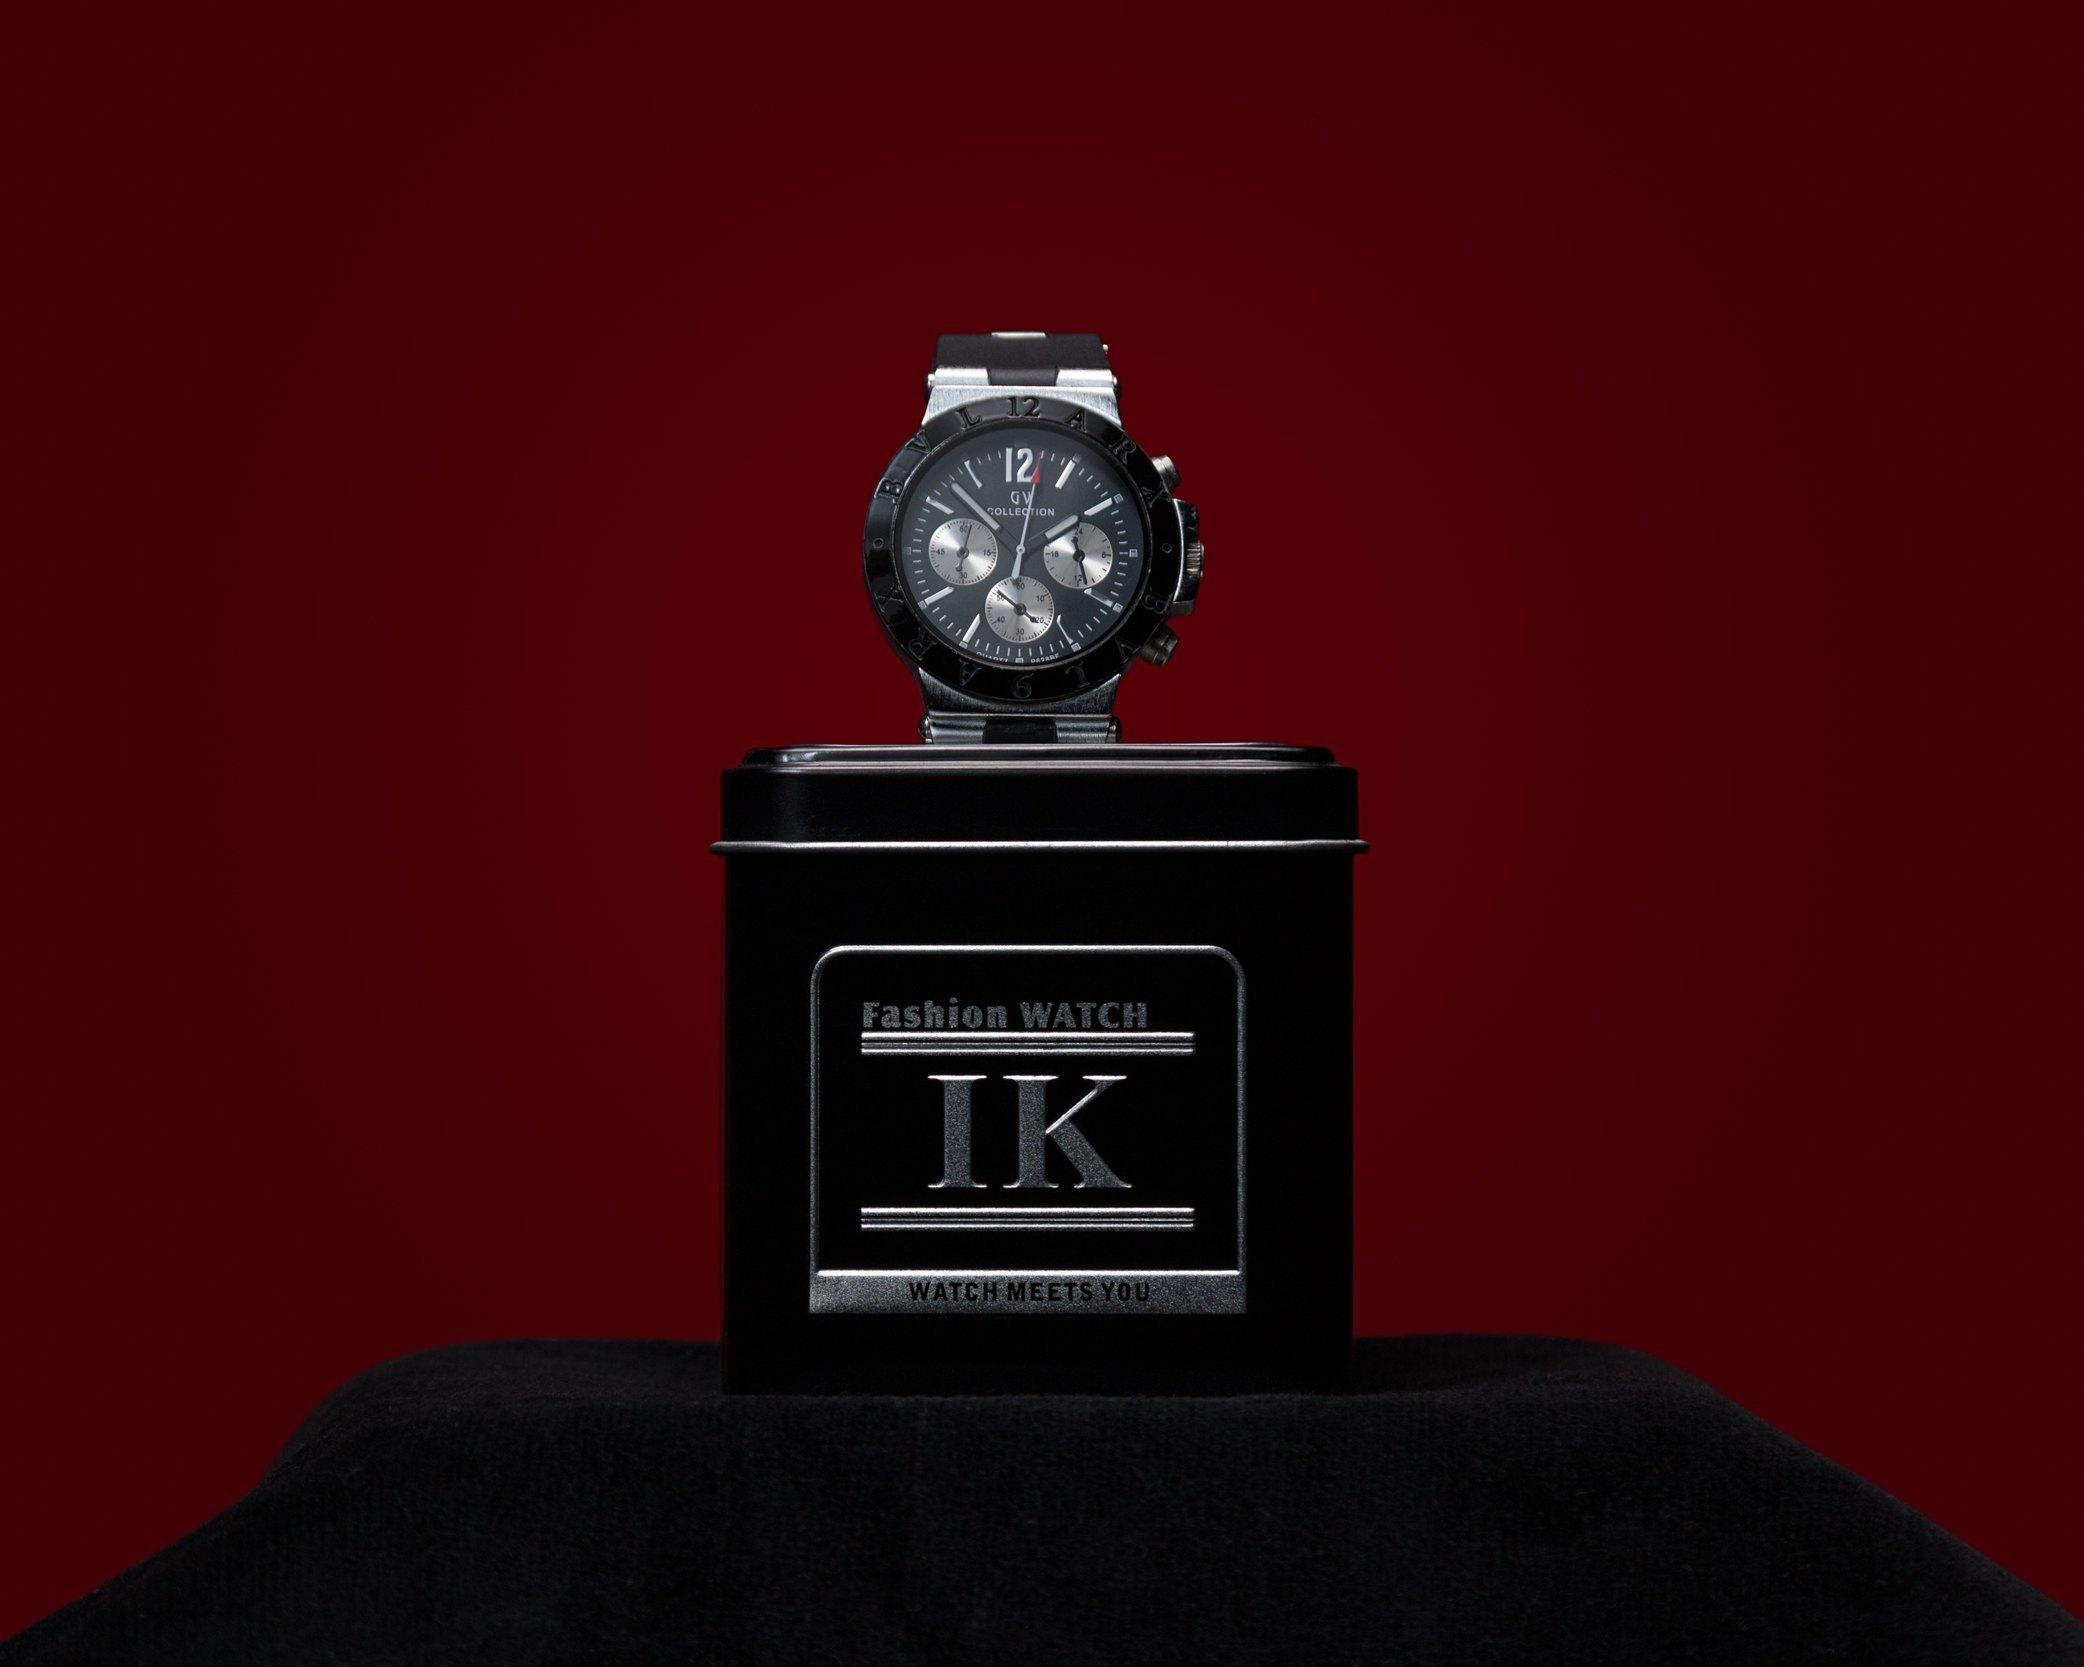 Reloj fotografia de producto